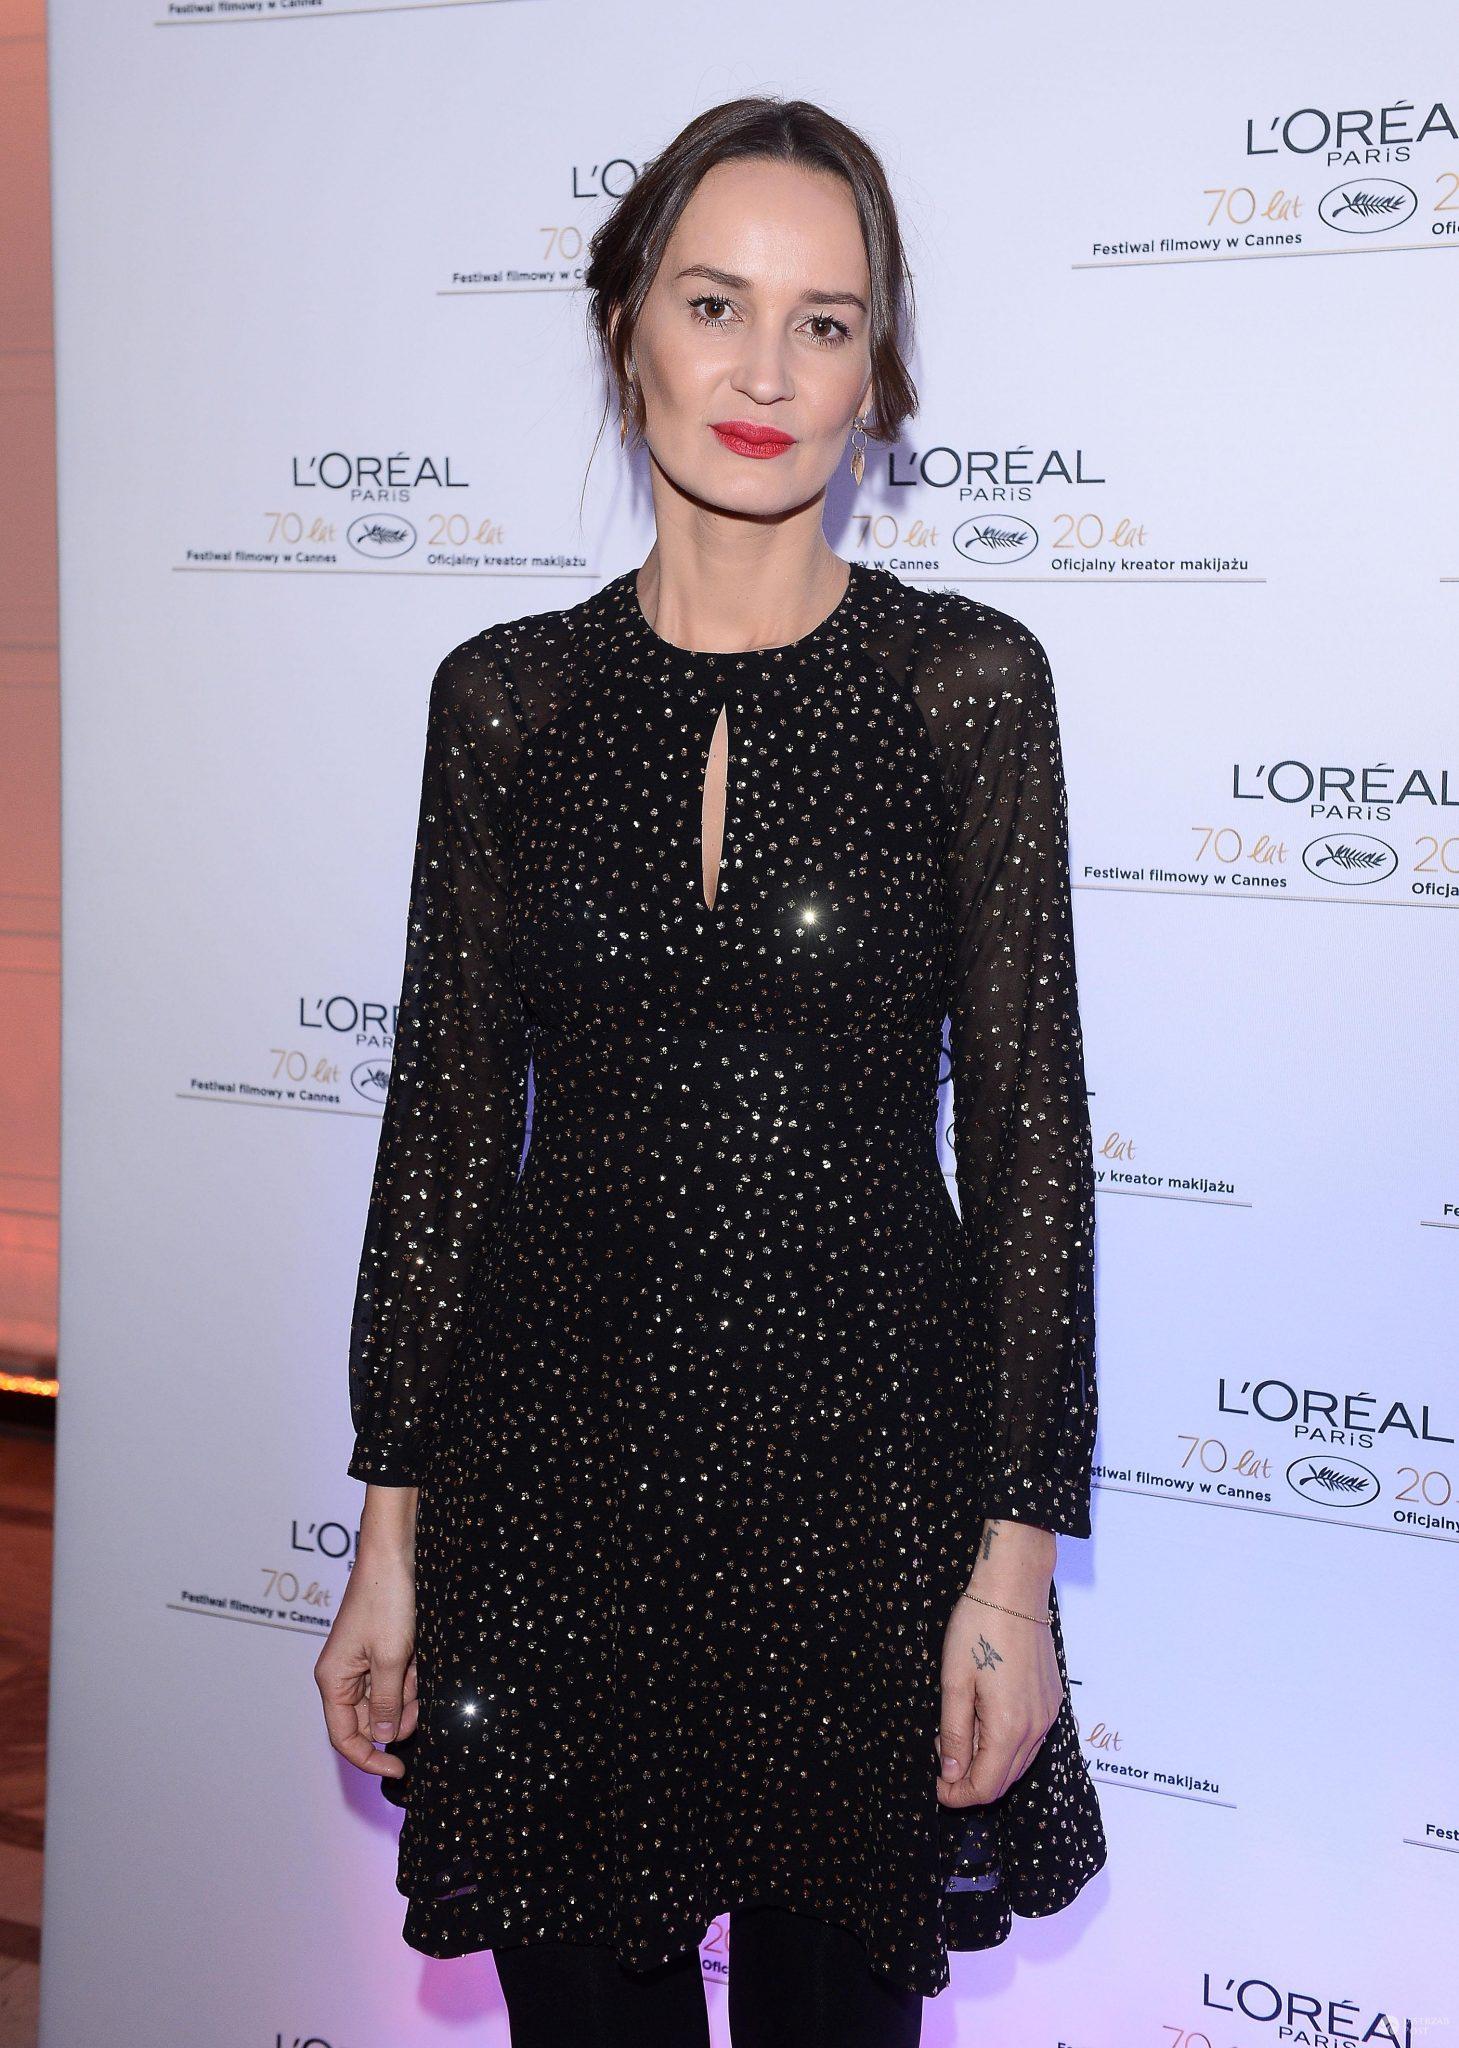 Kasia Zaremba - kolacja z okazji 20-lecia współpracy L'Oreal Paris z Festiwalem Filmowym w Cannes